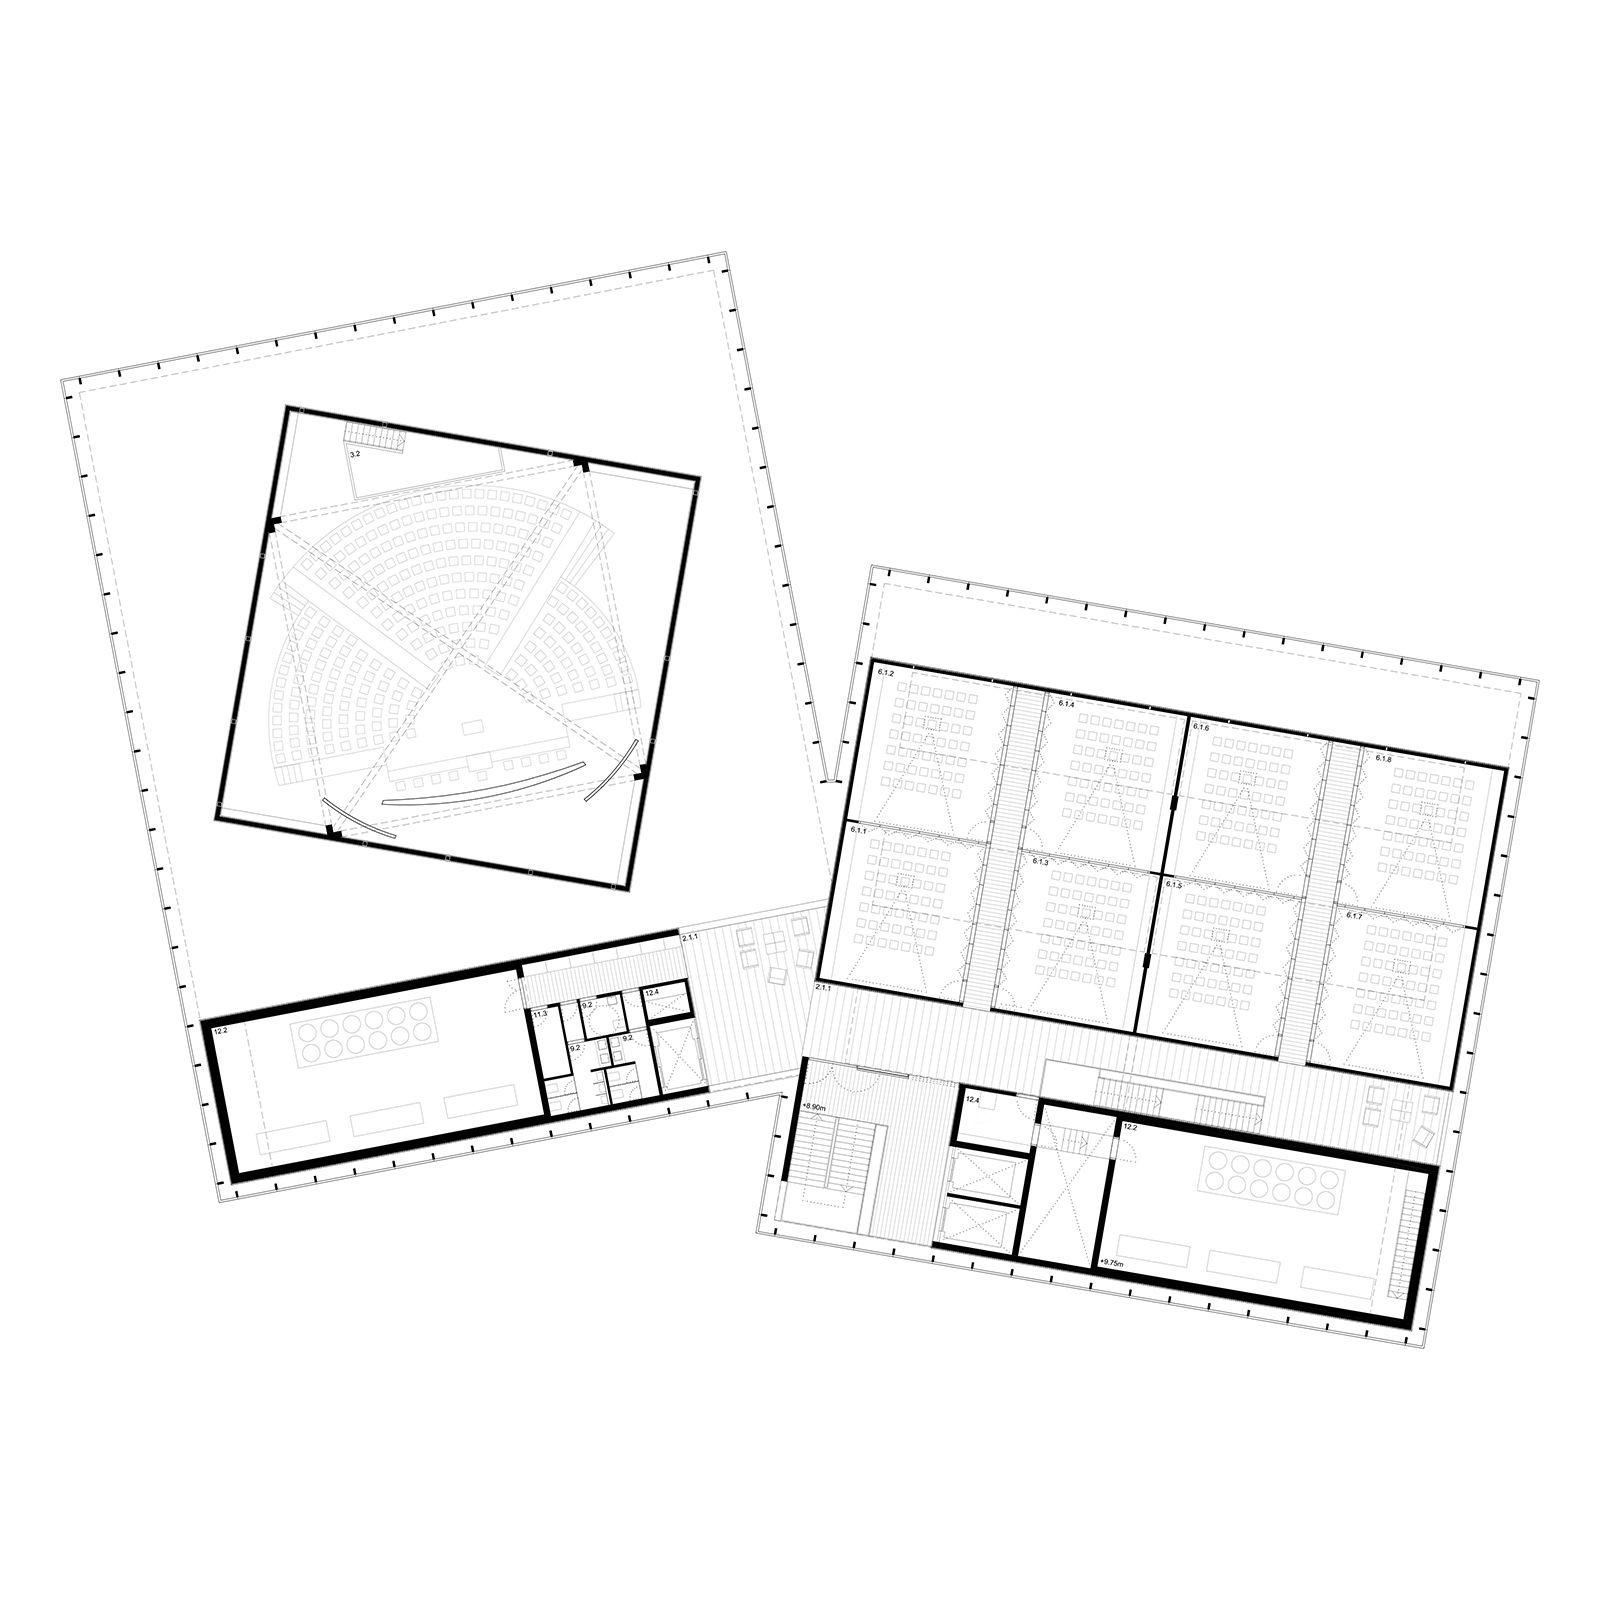 Pin By Gianniserafeimidis On Design